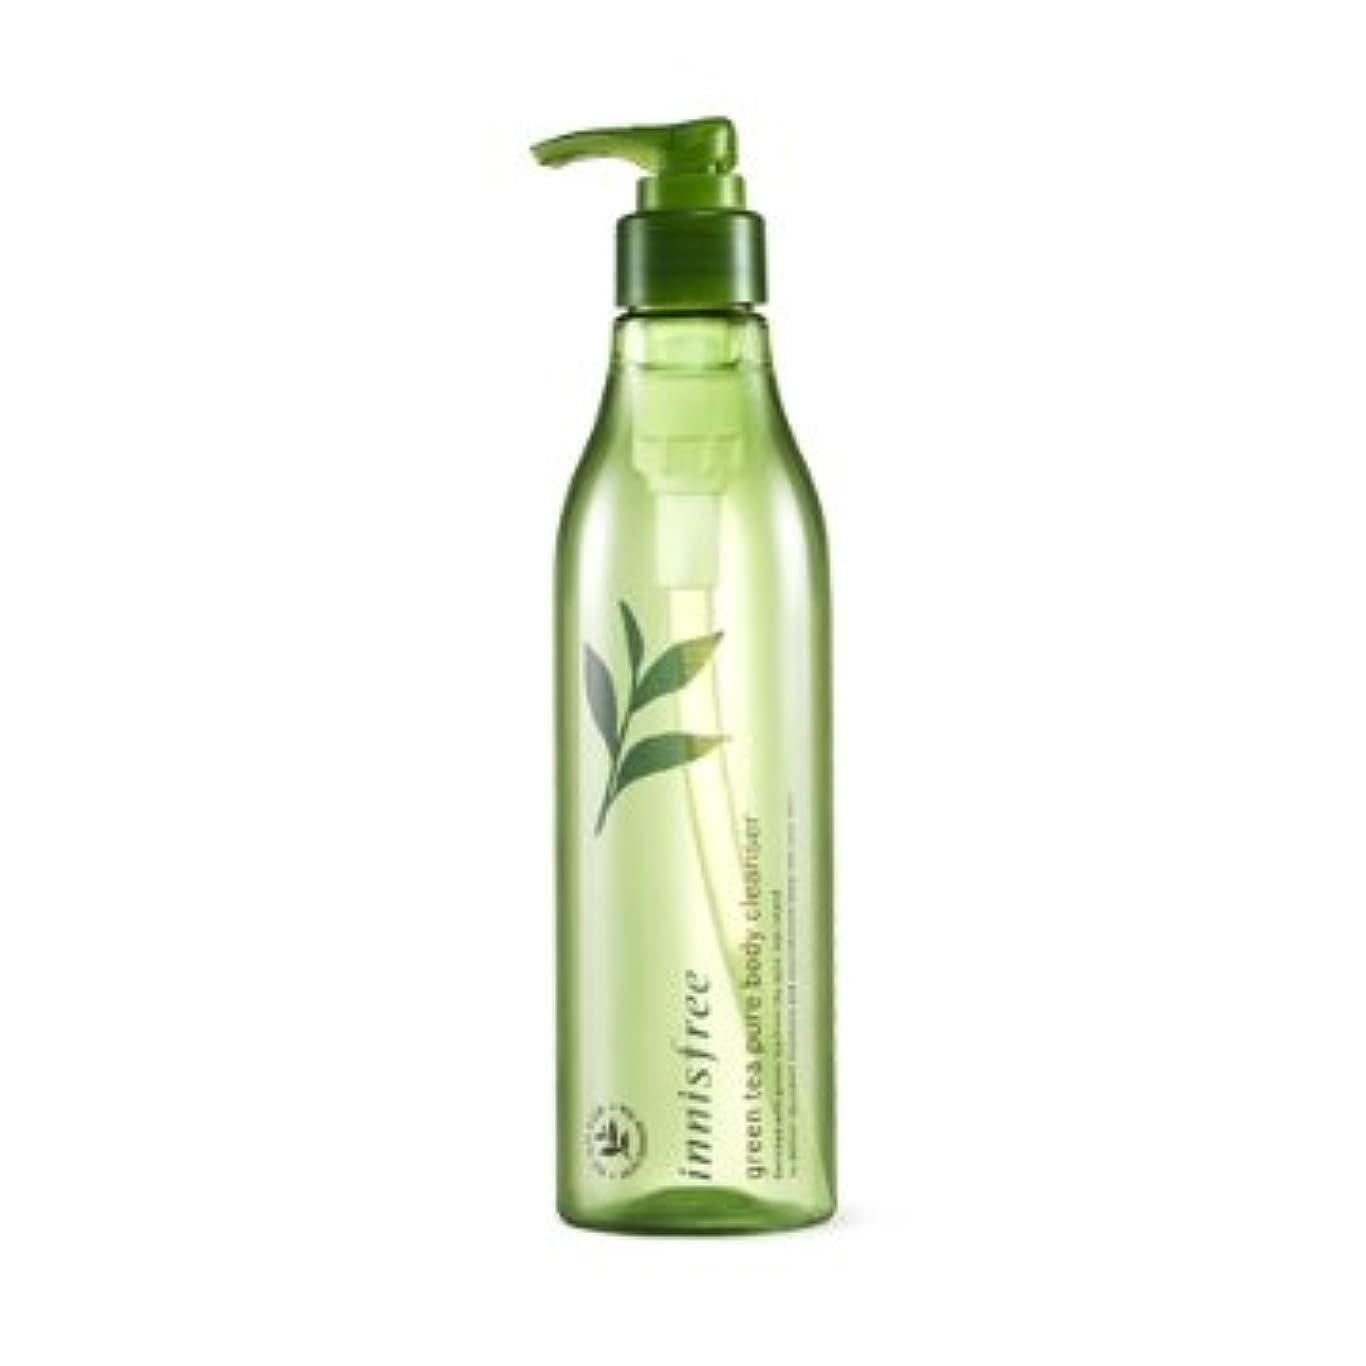 大使お父さん抽出【イニスフリー】Innisfree green tea pure body cleanser - 300ml (韓国直送品) (SHOPPINGINSTAGRAM)